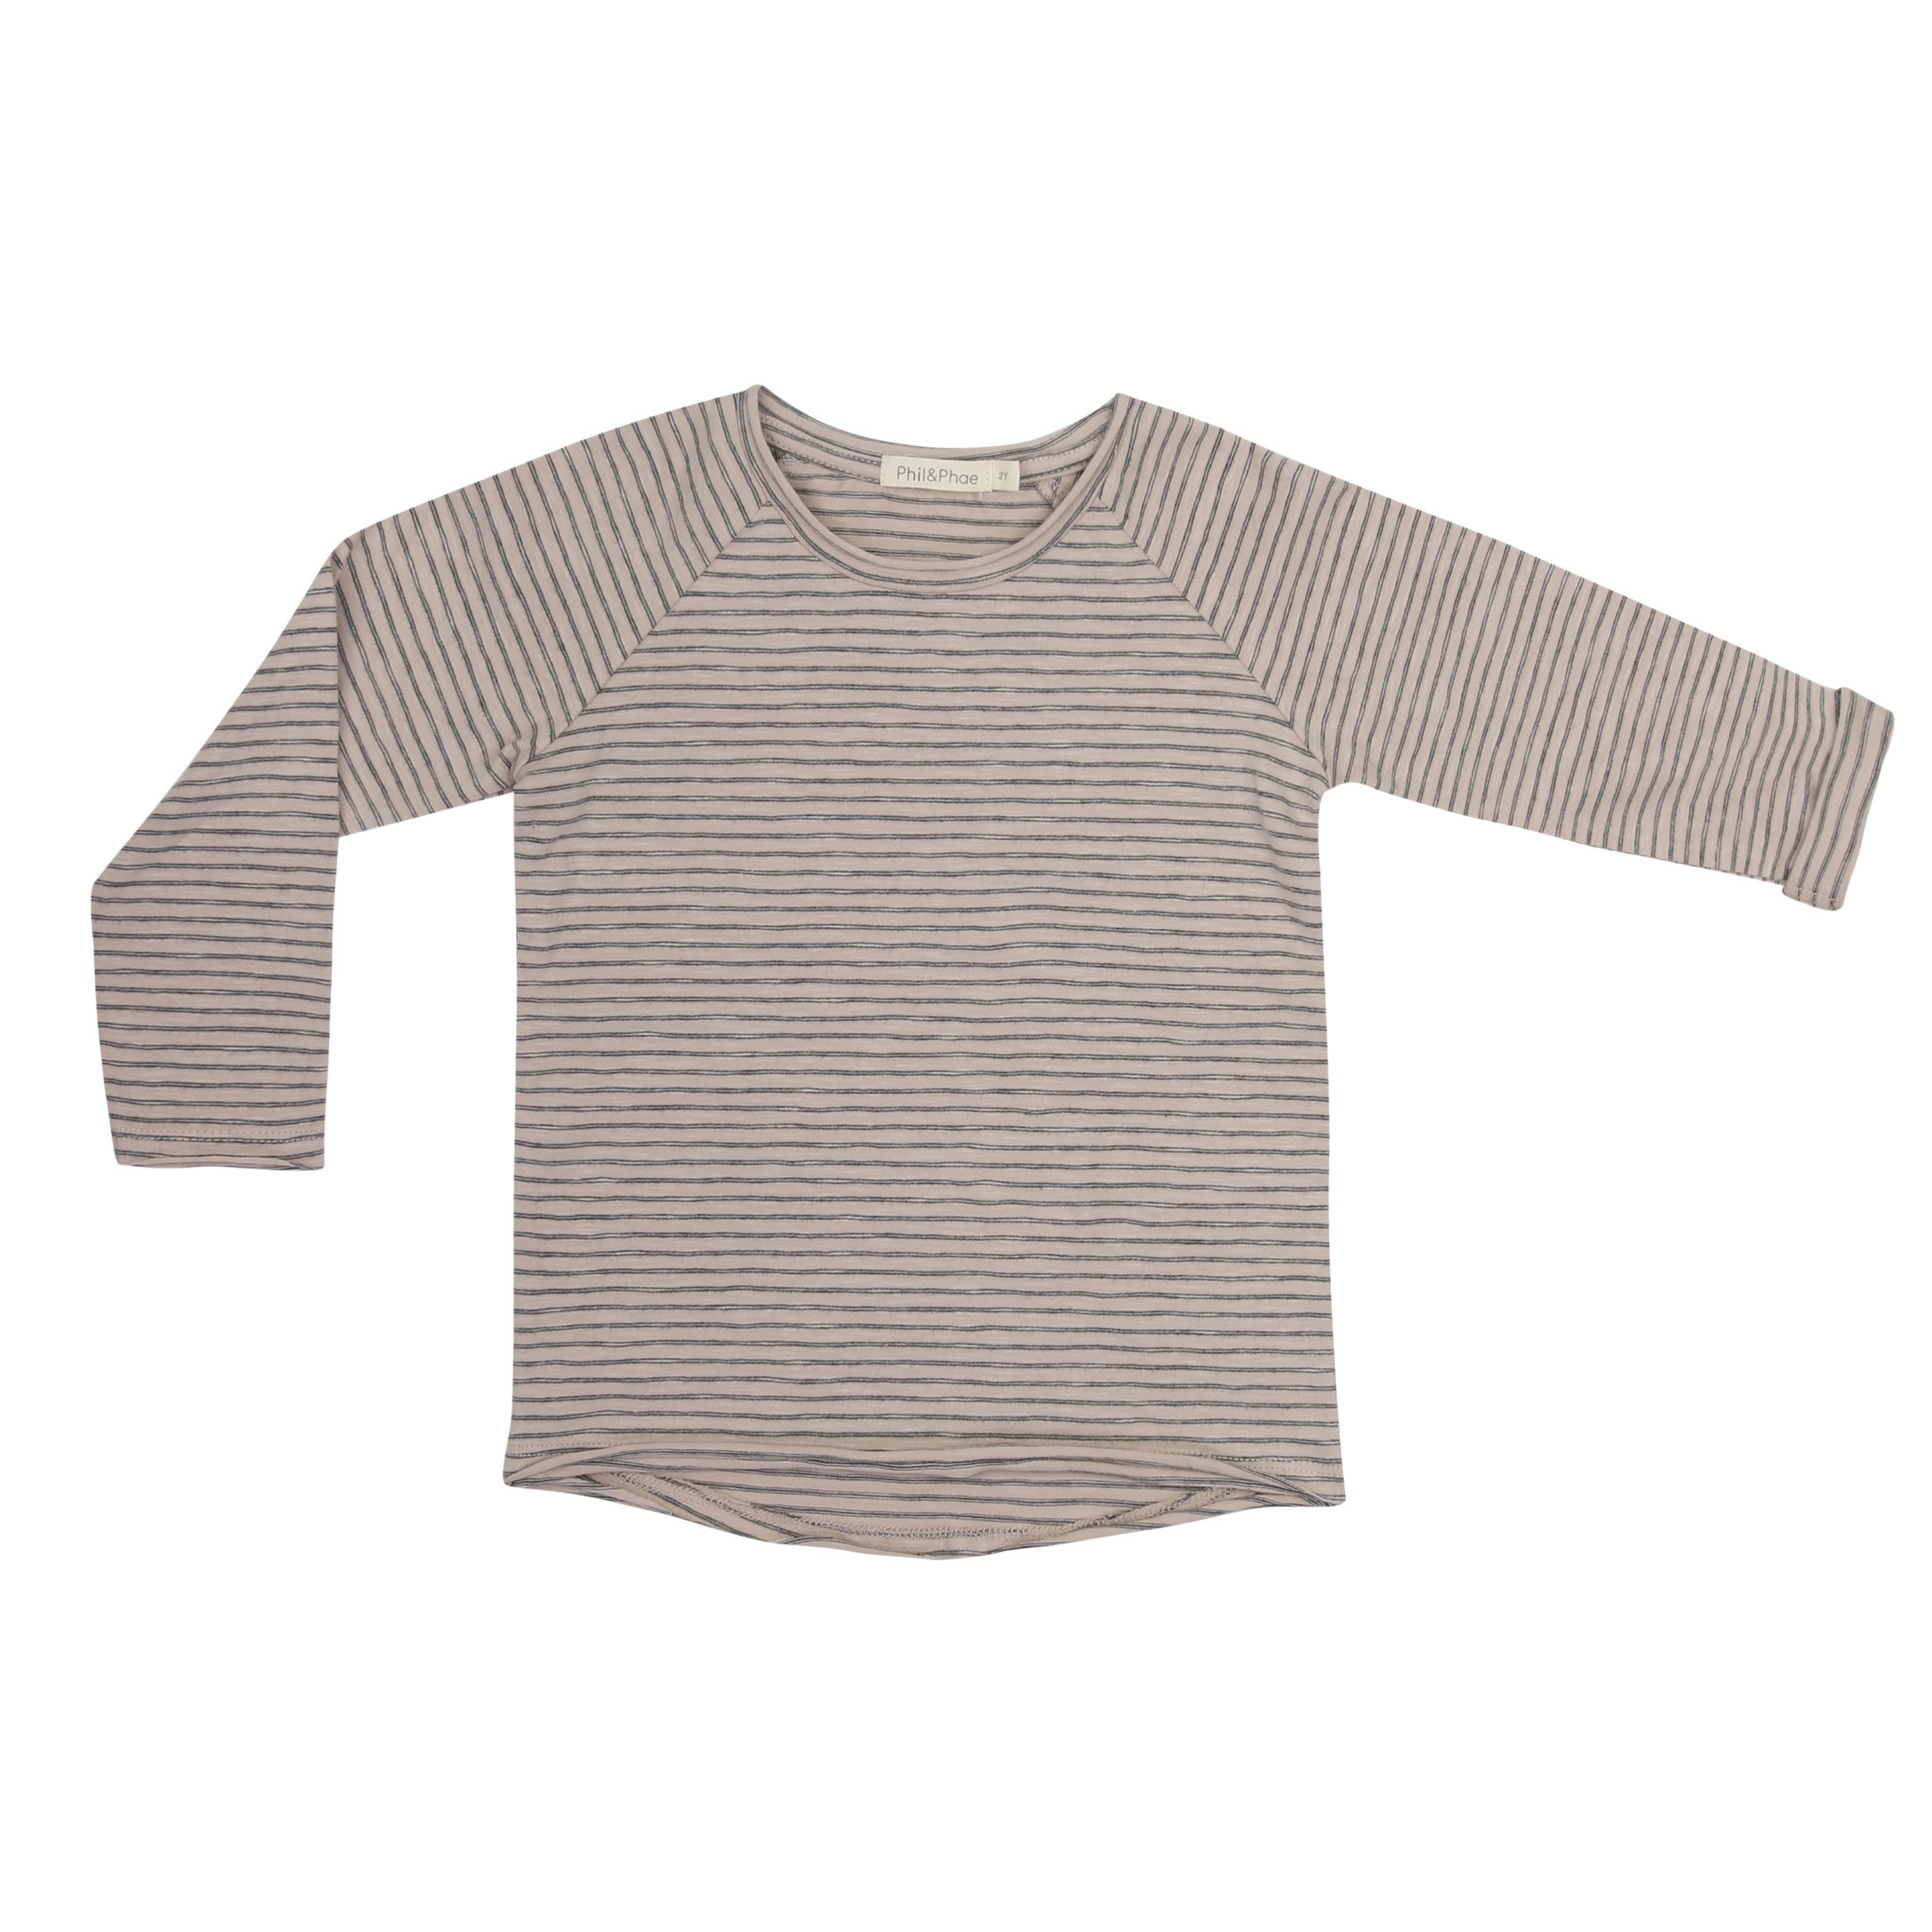 Phil&Phae Phil&phae - Raglan t-shirt straw